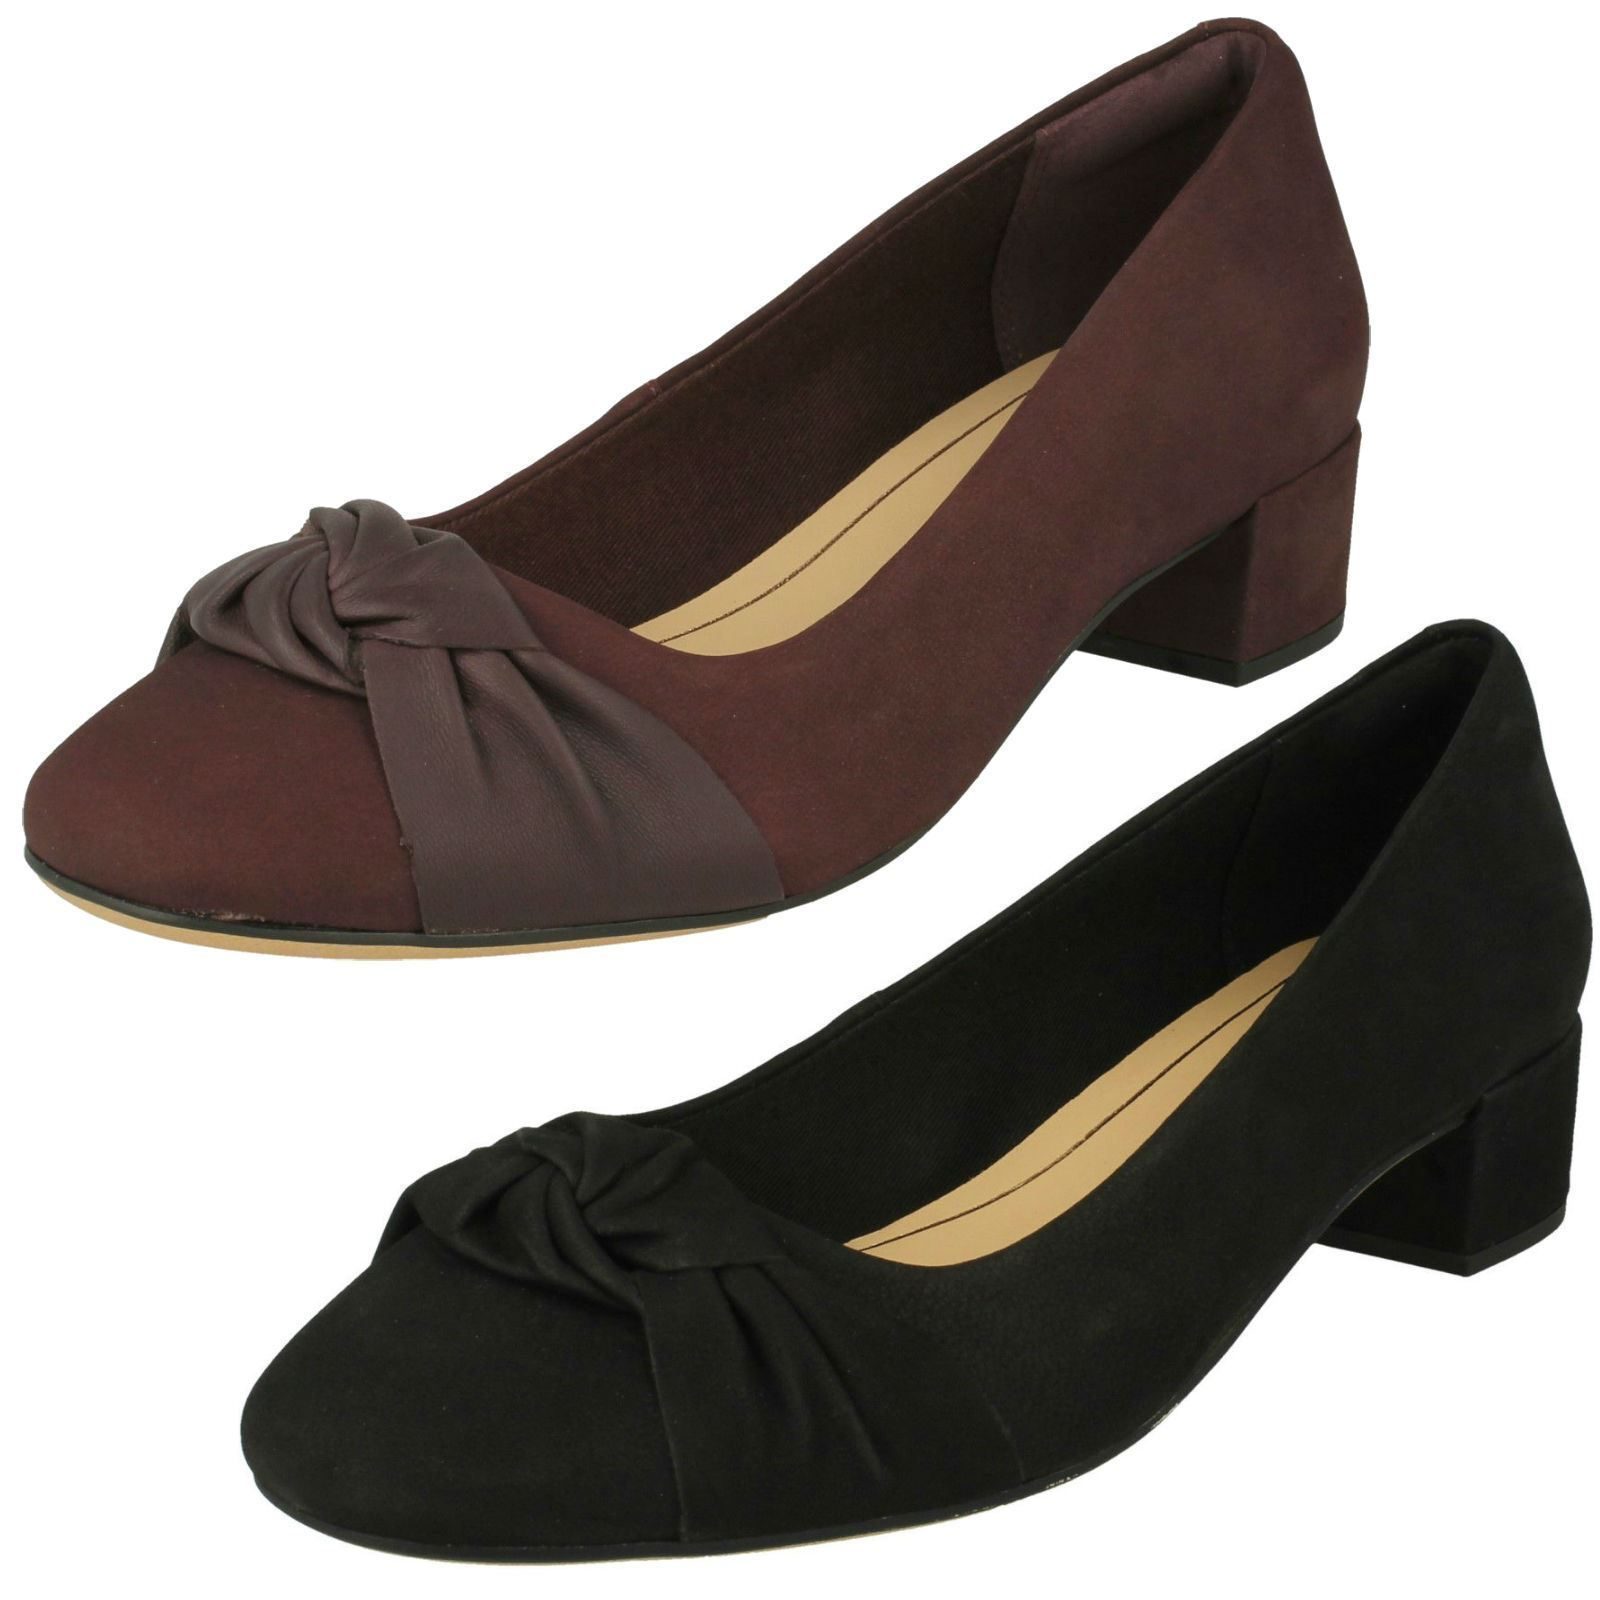 Mujer Clarks Orabella Azucena Cuero Nobuk Tacón bajo Elegante Elegante Elegante Zapatos de Salón  punto de venta de la marca